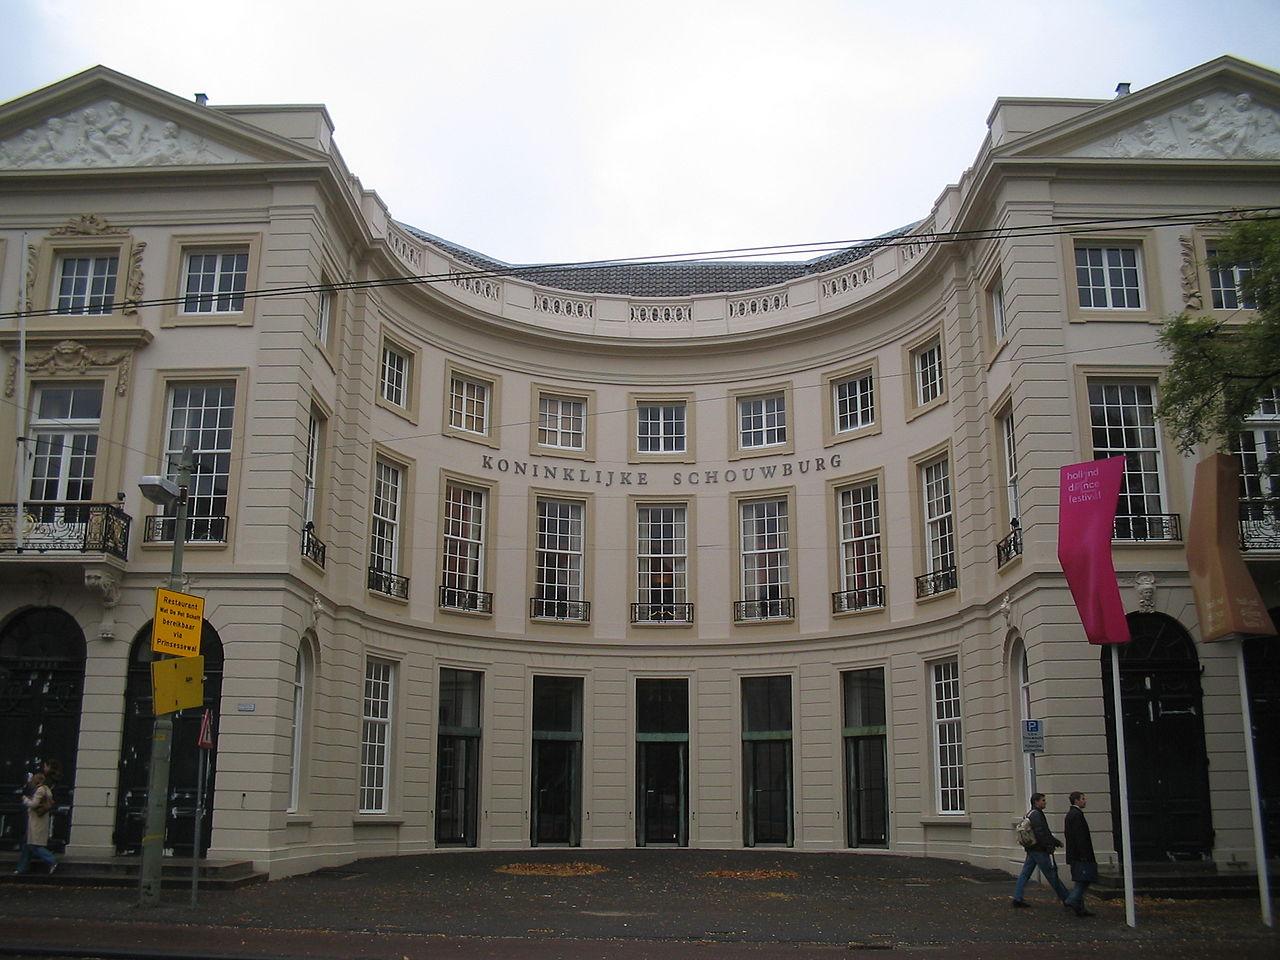 Koninklijke_Schouwburg